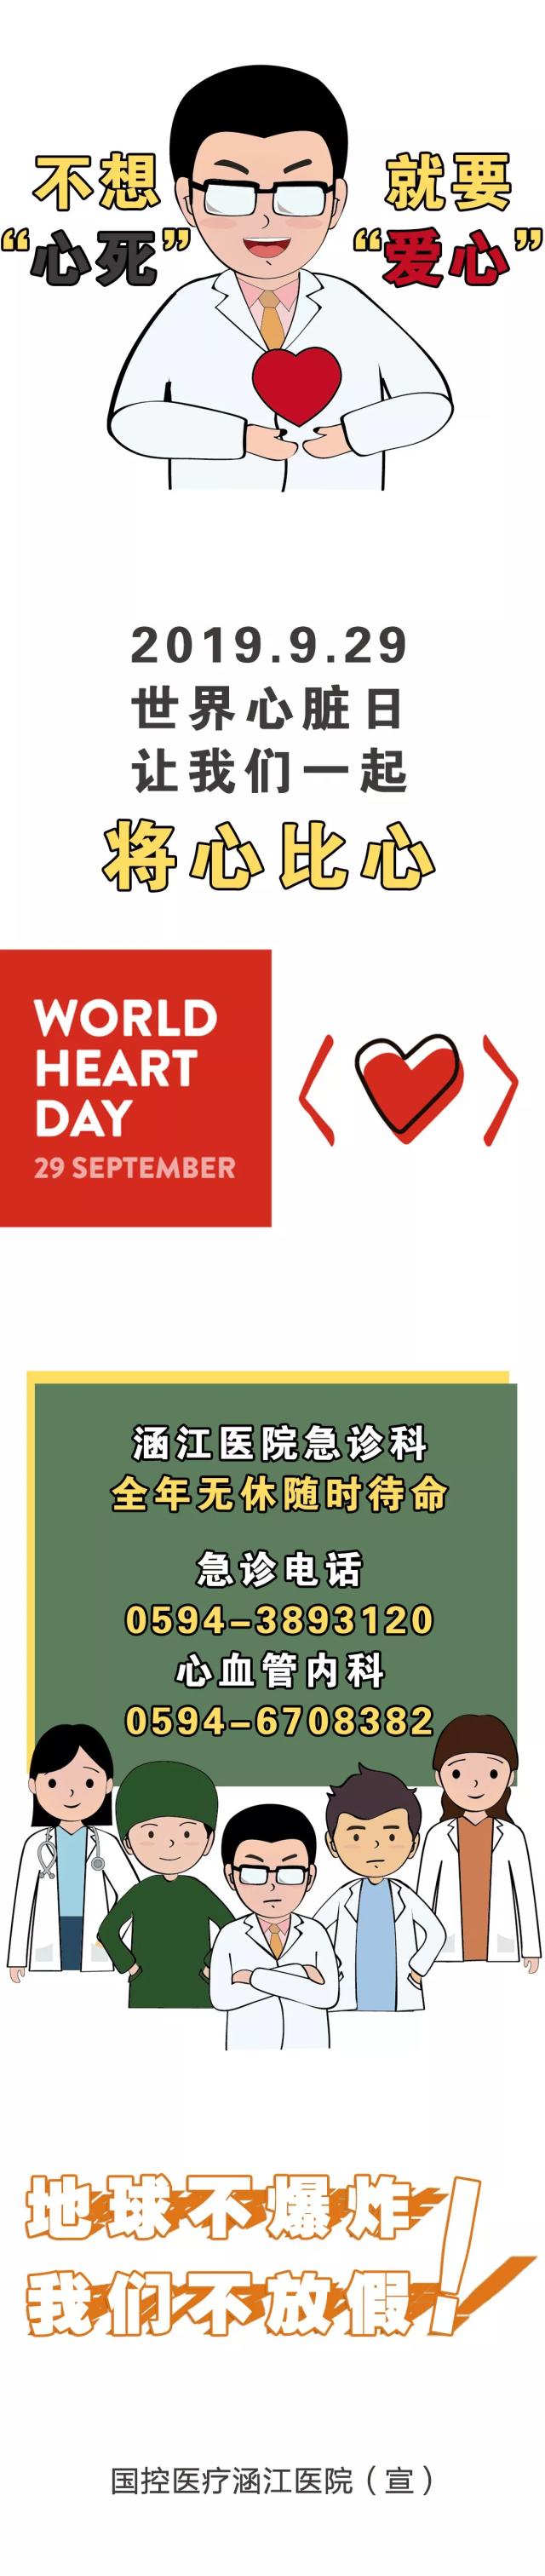 世界心脏病日:让我们一起「将心比心」